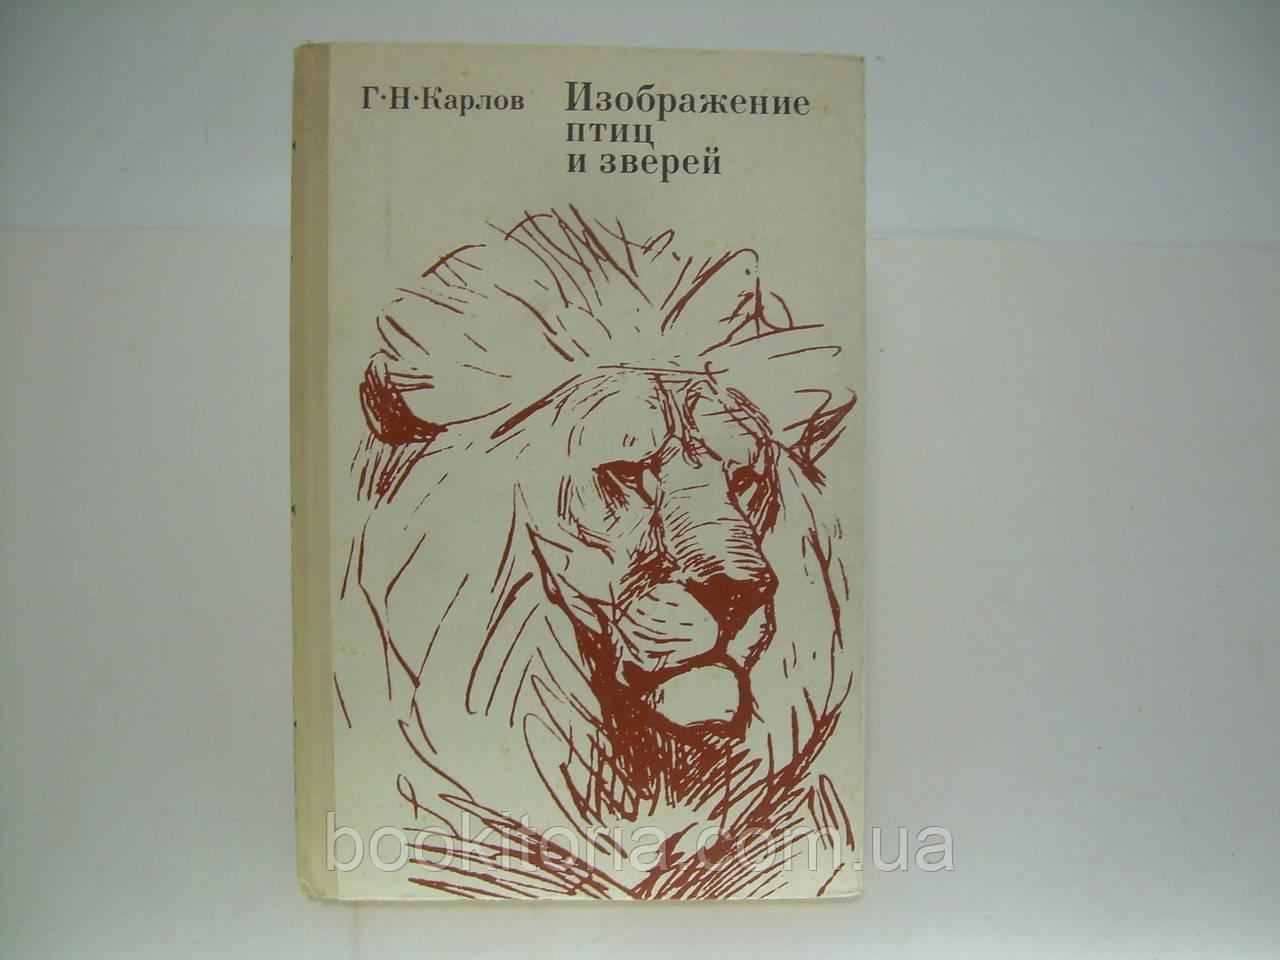 Карлов Г.Н. Изображение птиц и зверей (б/у).